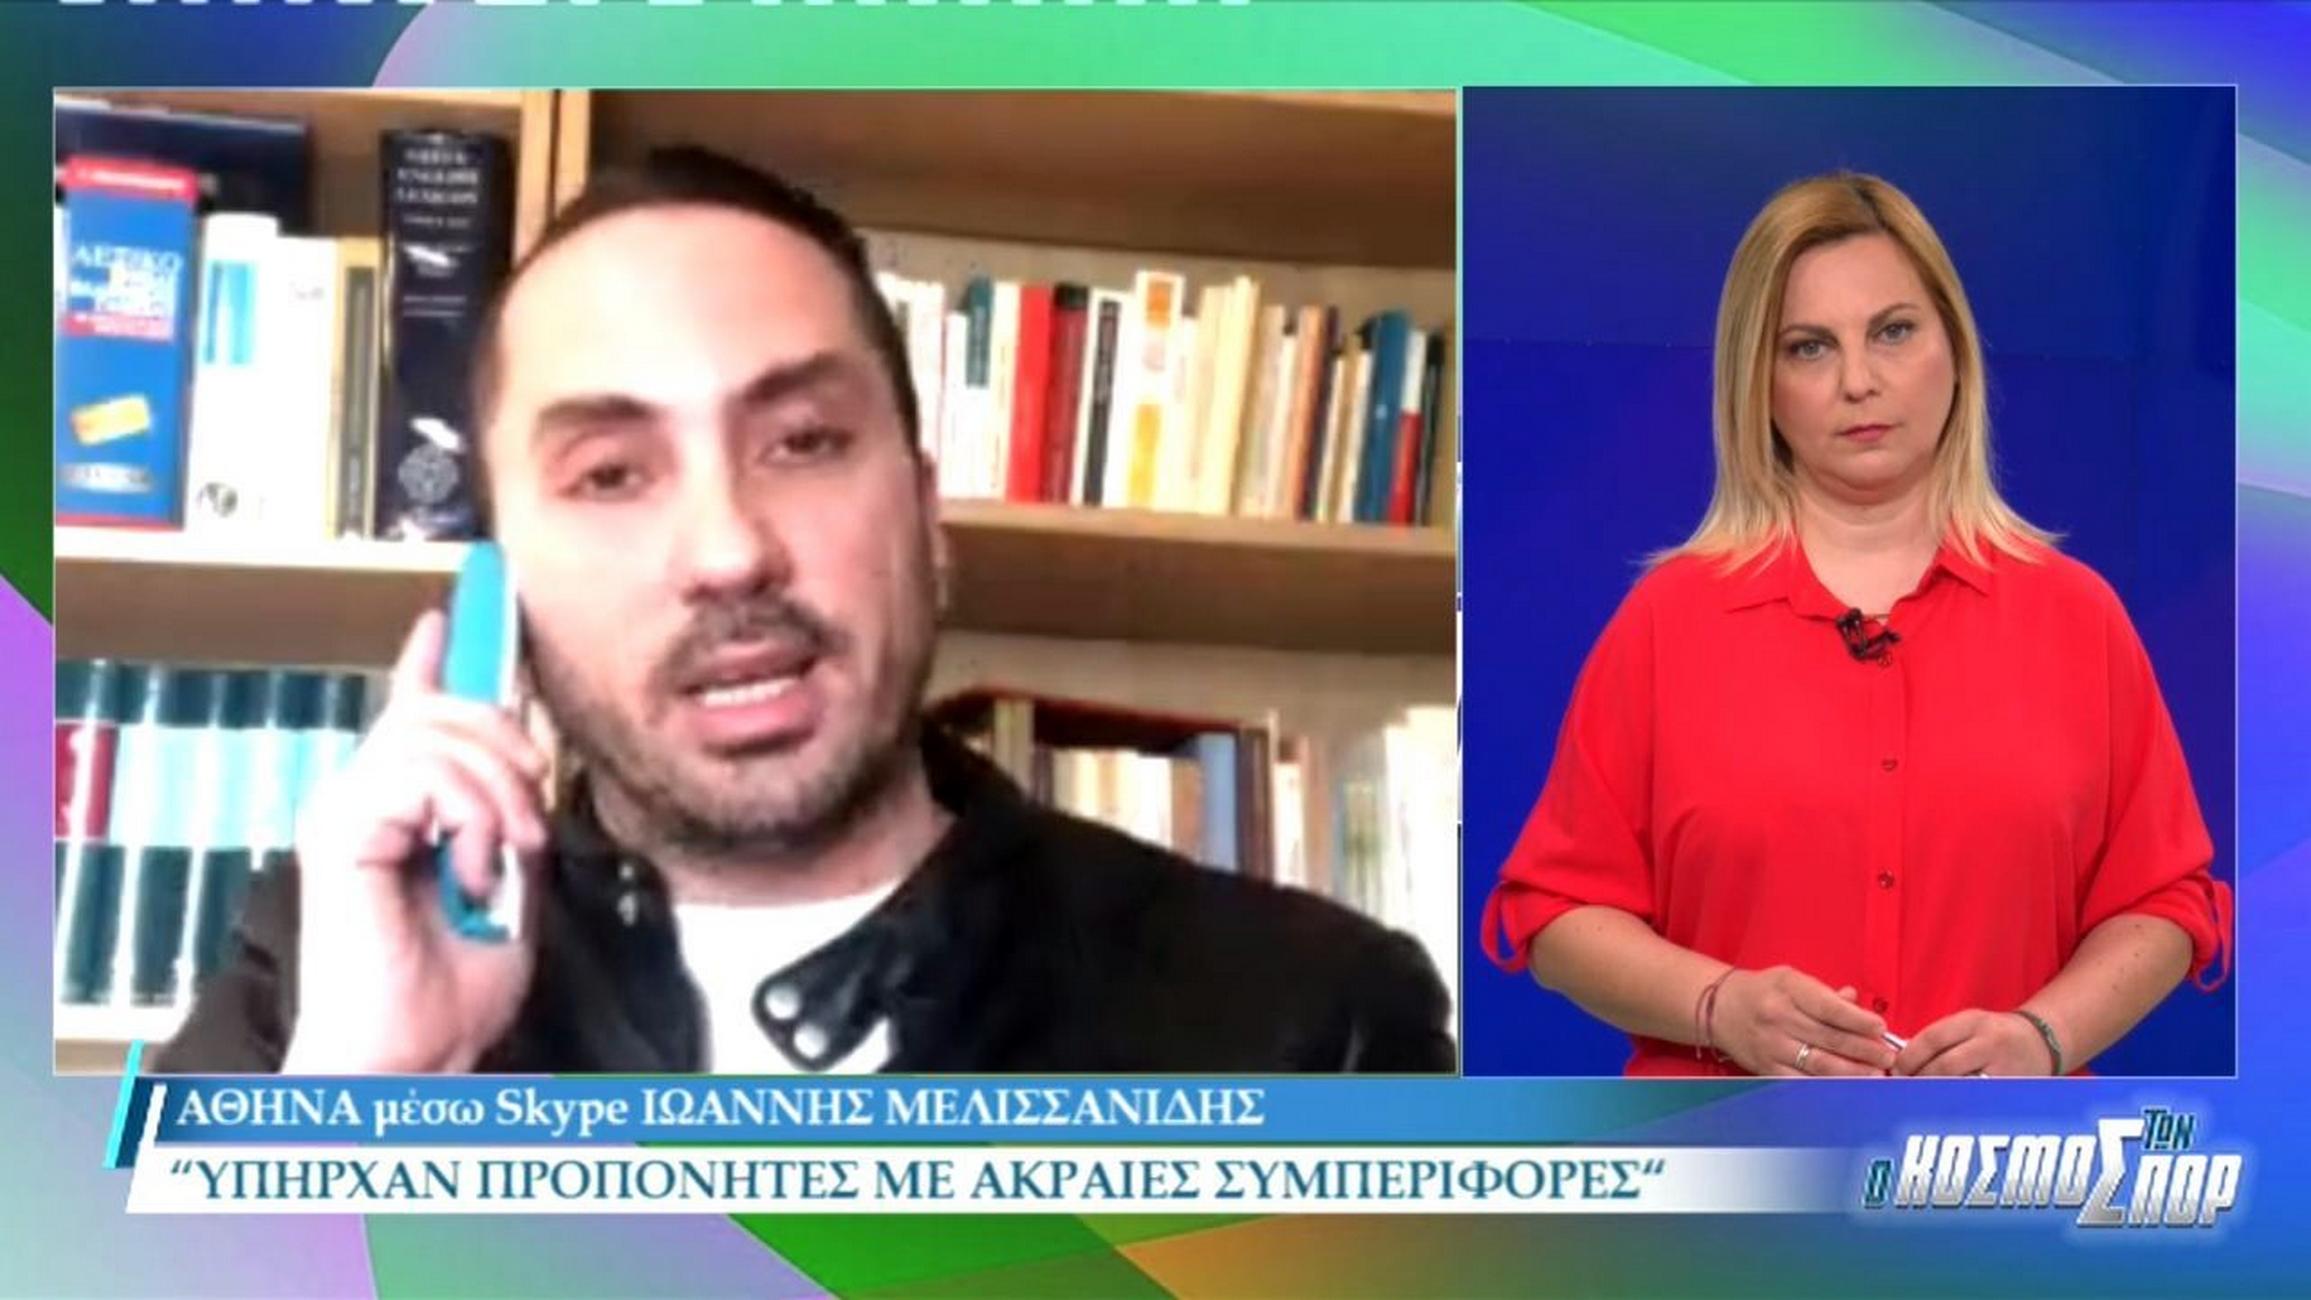 Ιωάννης Μελισσανίδης: «Υπήρχαν προπονητές με ακραίες συμπεριφορές σε παιδιά» (video)